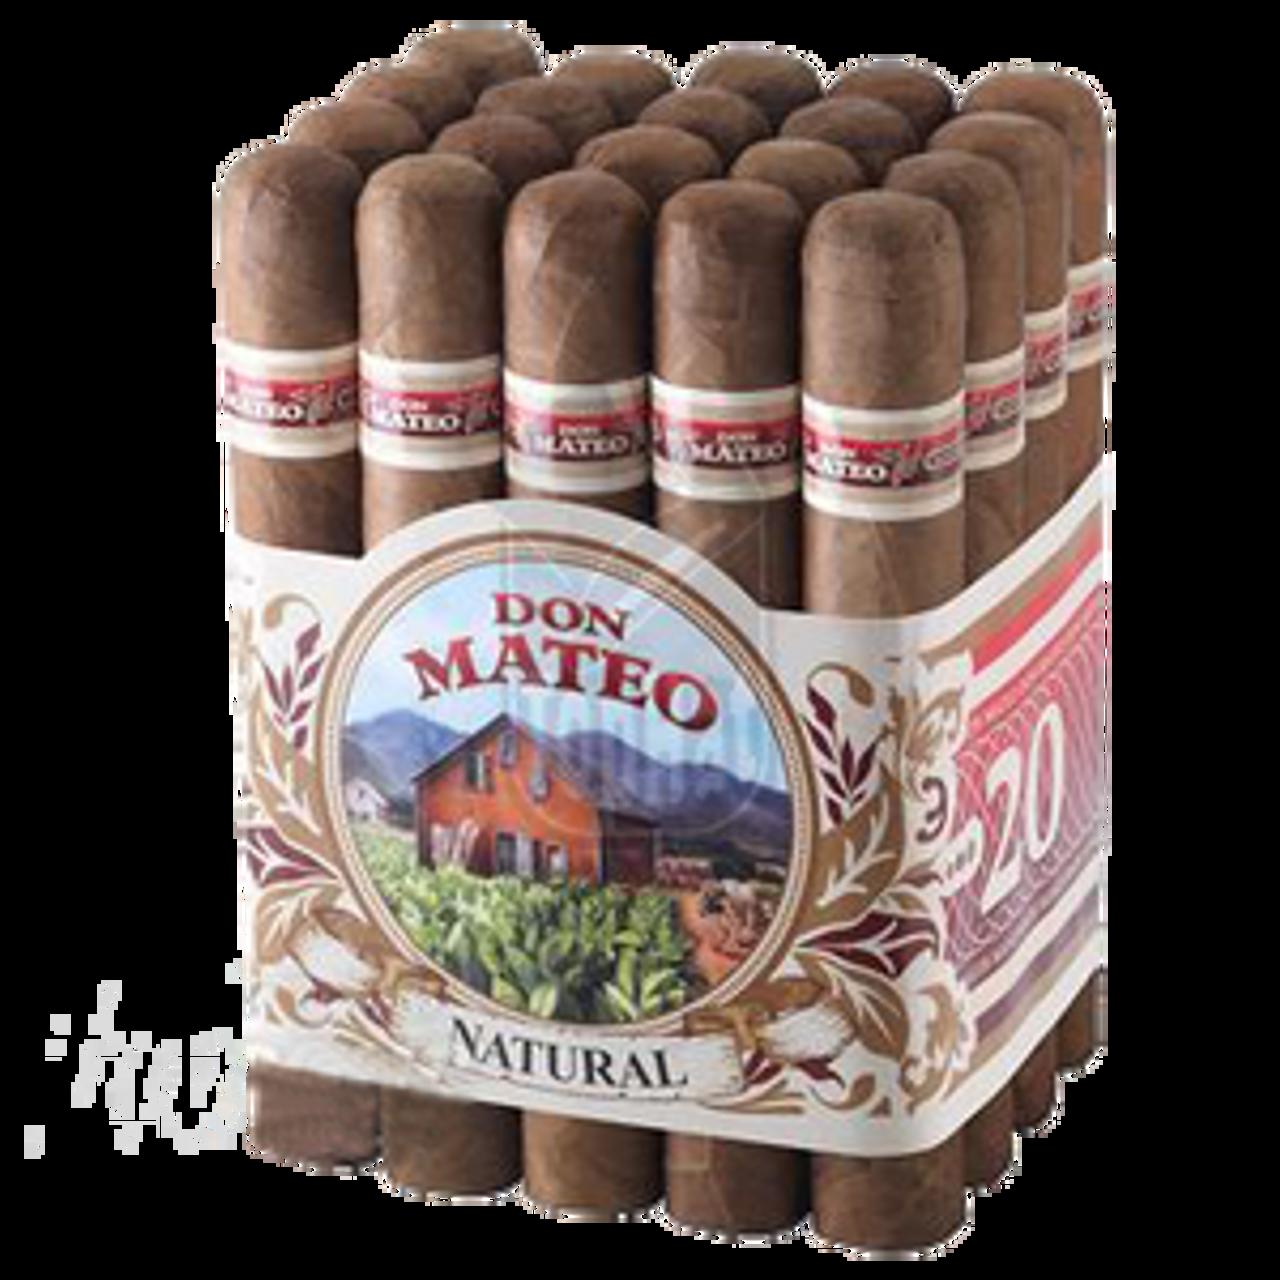 Don Mateo #8 Natural Cigars - 6 1/4 x 50 (Bundle of 20)